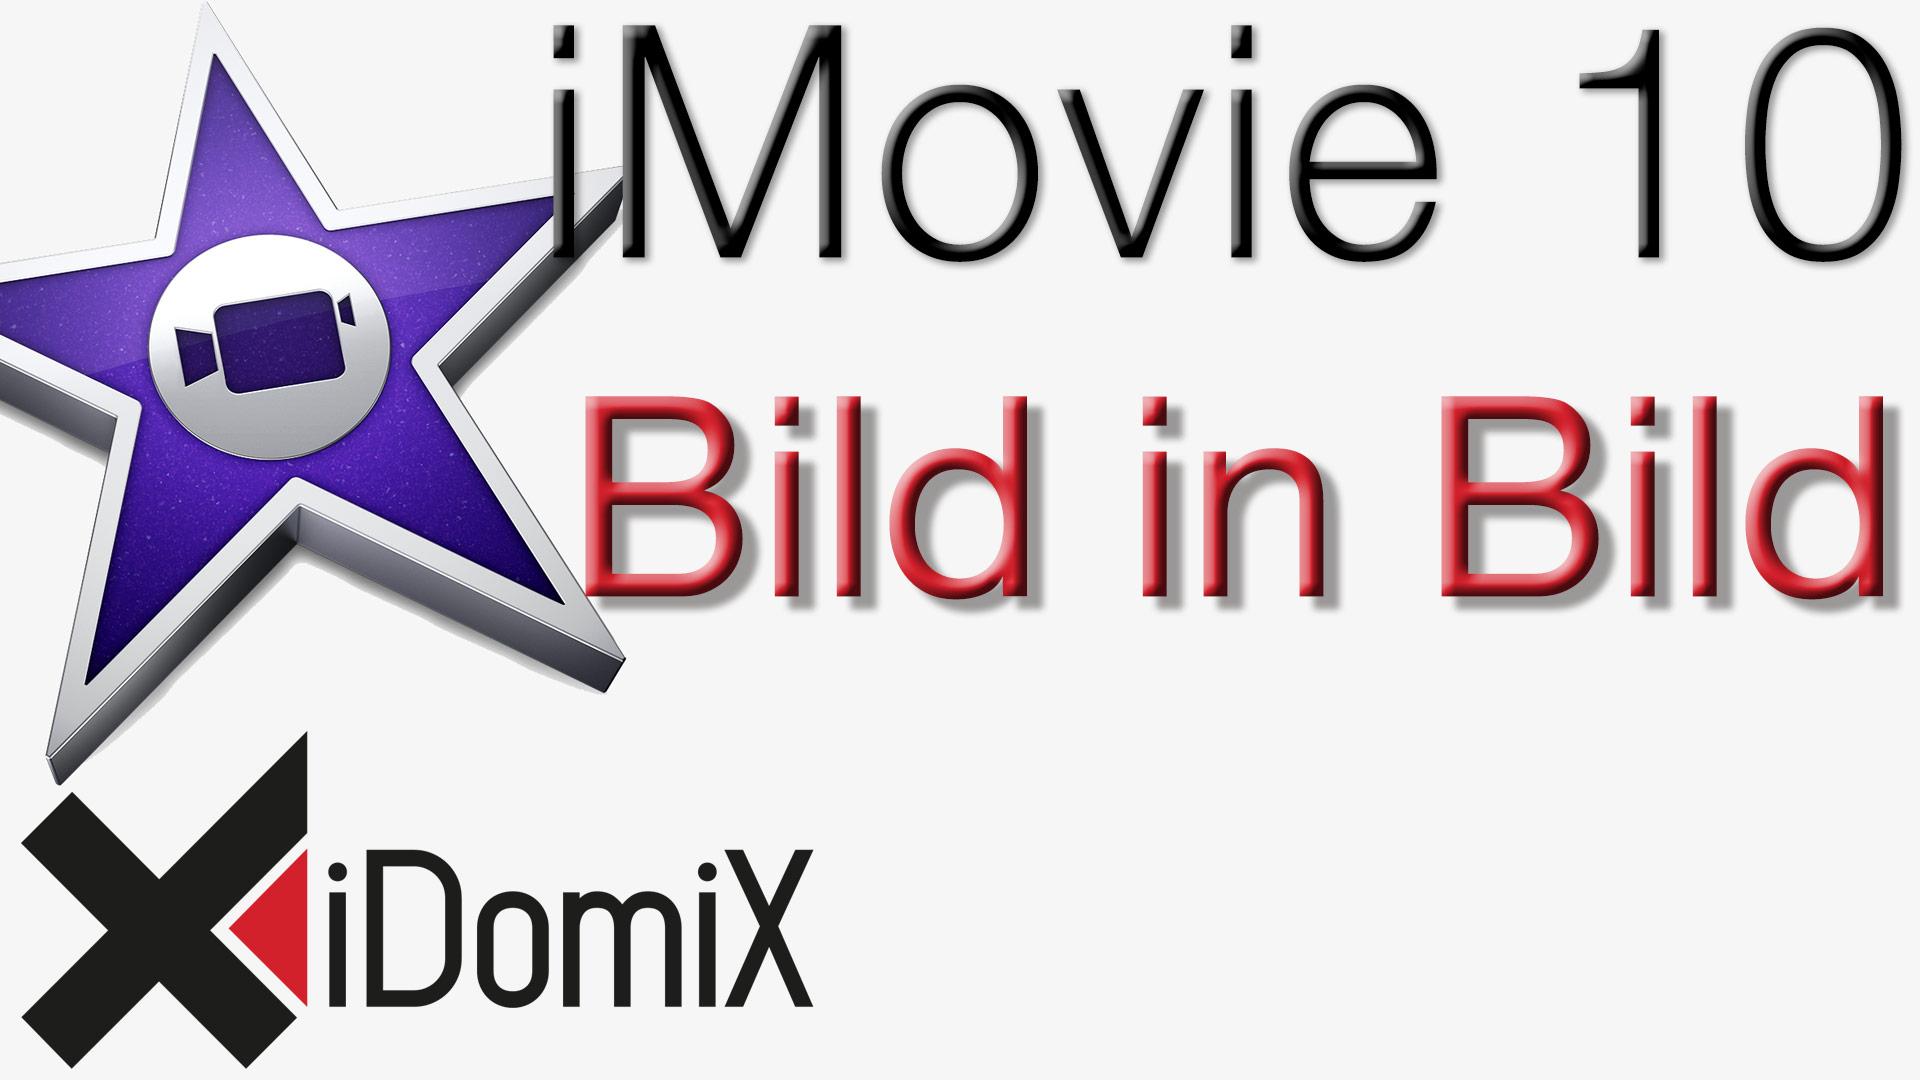 iMovie 10 Bild in Bild Effekt